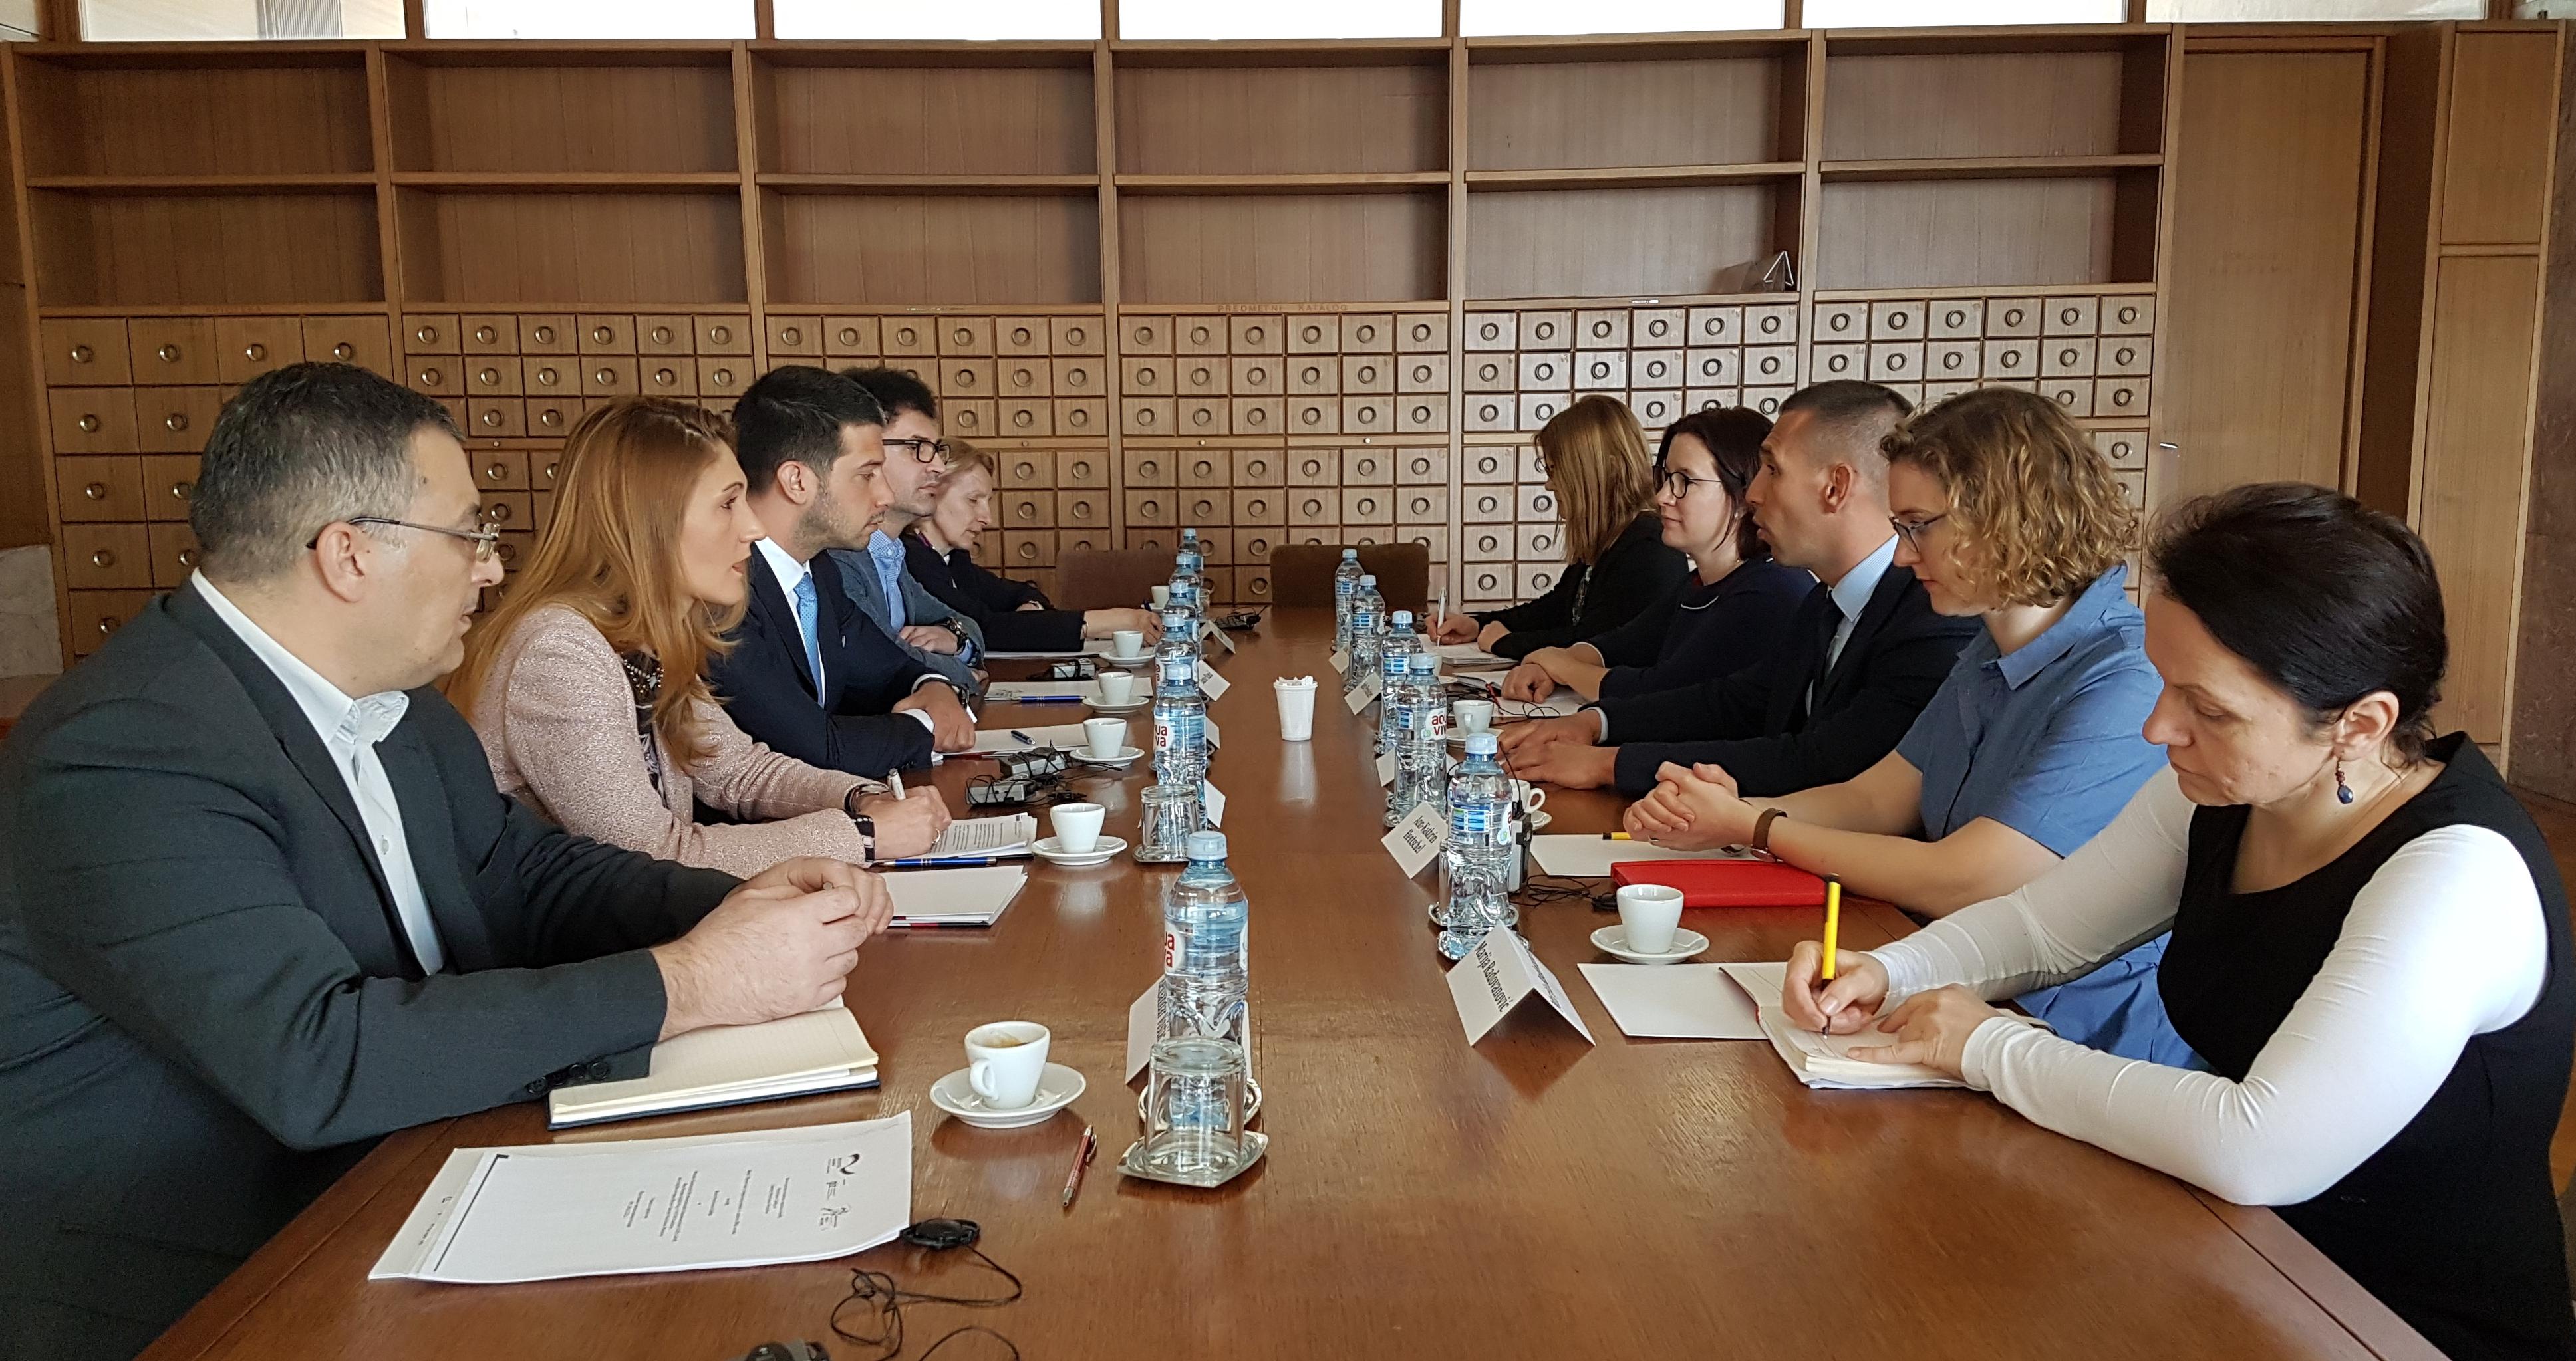 Нови пројекат Министарства омладине и спорта и ГИЗ